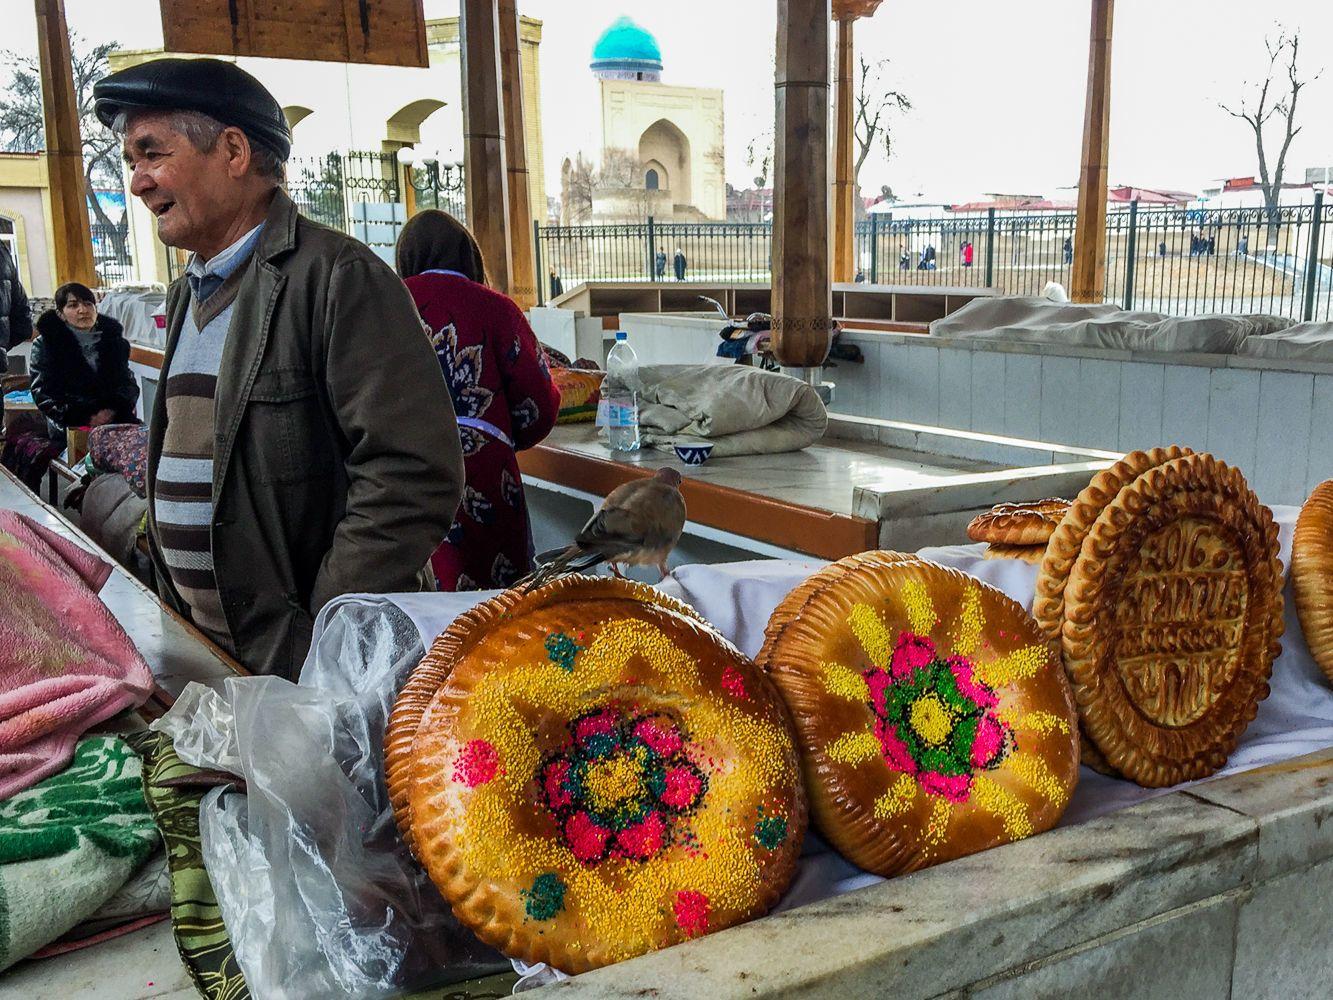 Samarkand bread